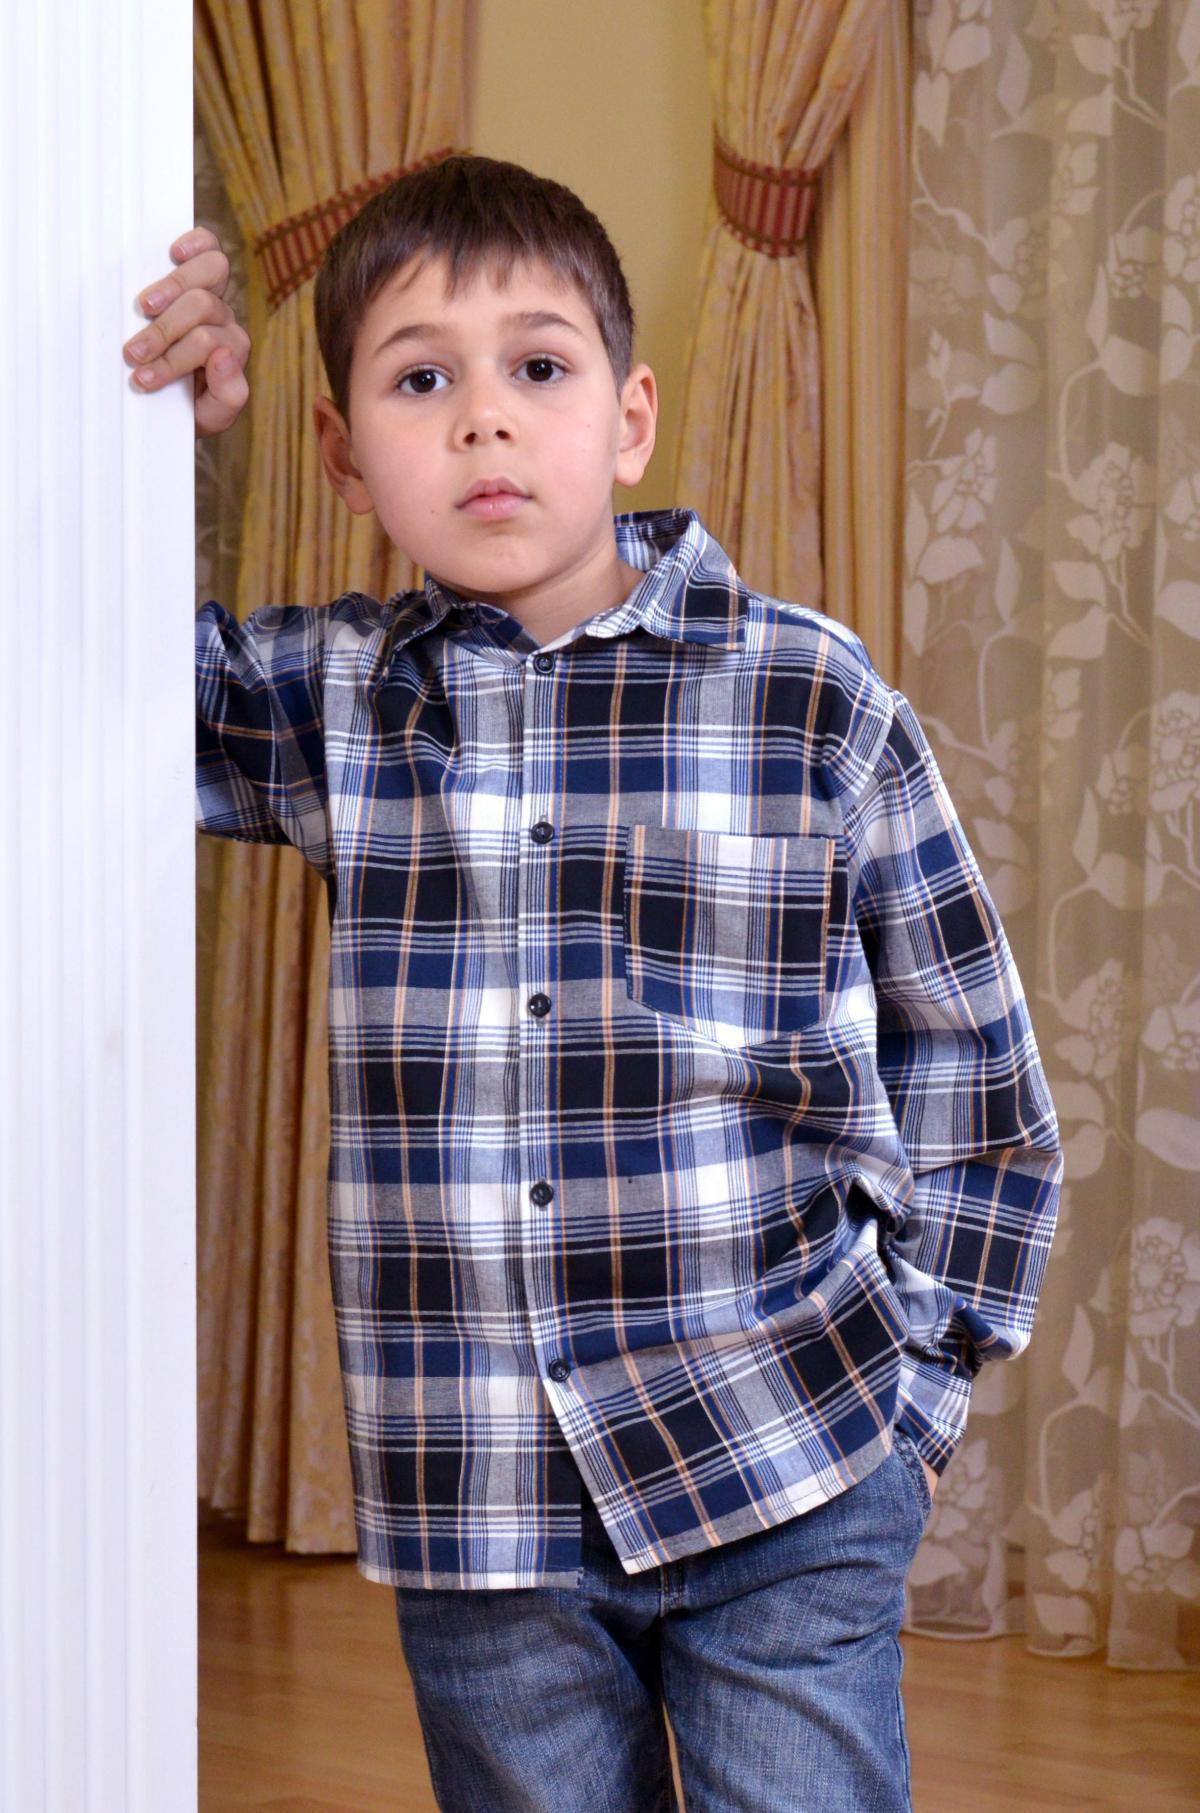 Дет. рубашка арт. 18-0092 р. 30Распродажа<br><br><br>Тип: Дет. рубашка<br>Размер: 30<br>Материал: Фуле